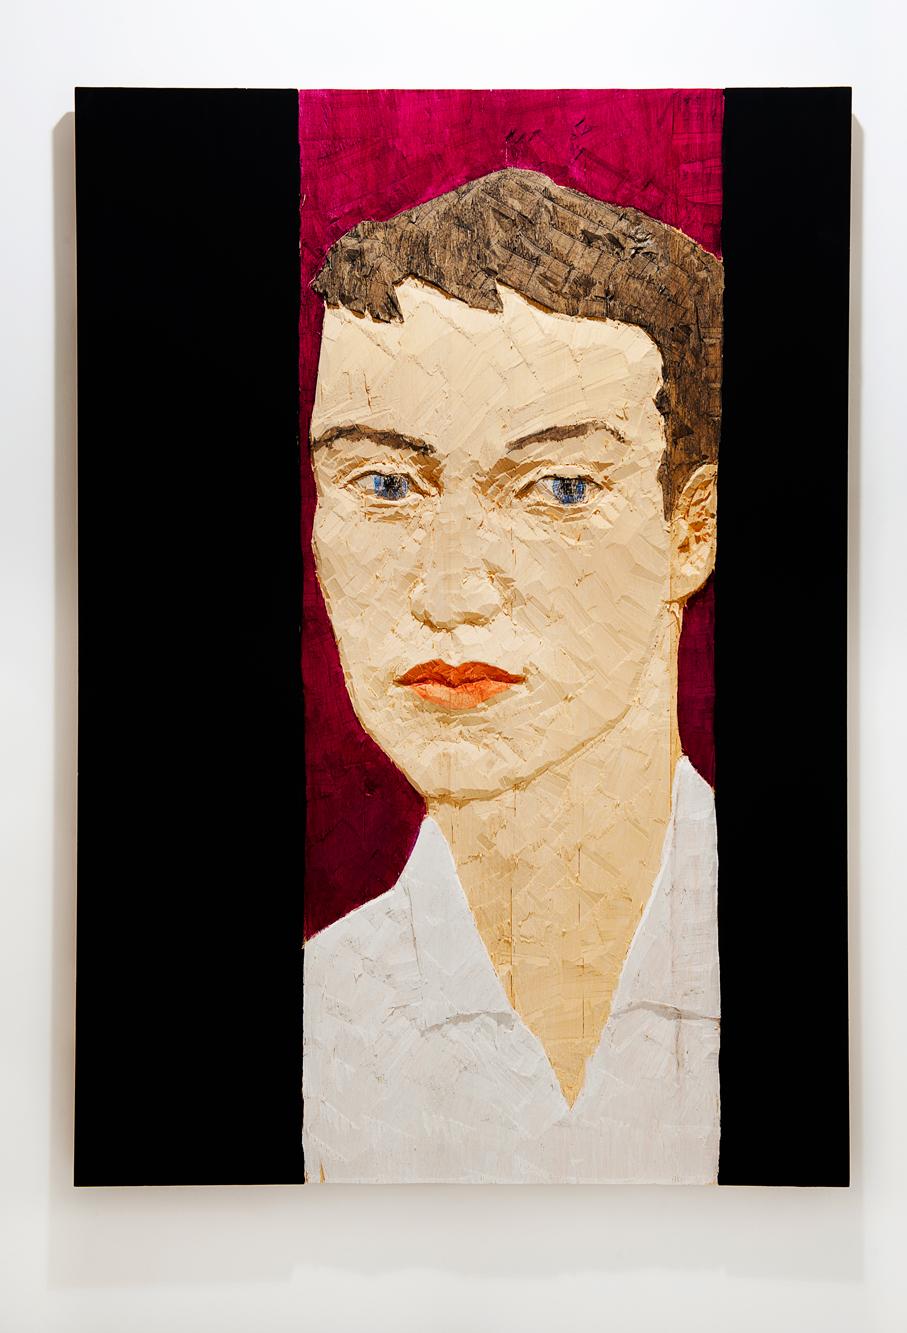 """""""Senza titolo"""" 2012, bassorilievo su legno wawa dipinto, 140 x 100 cm"""